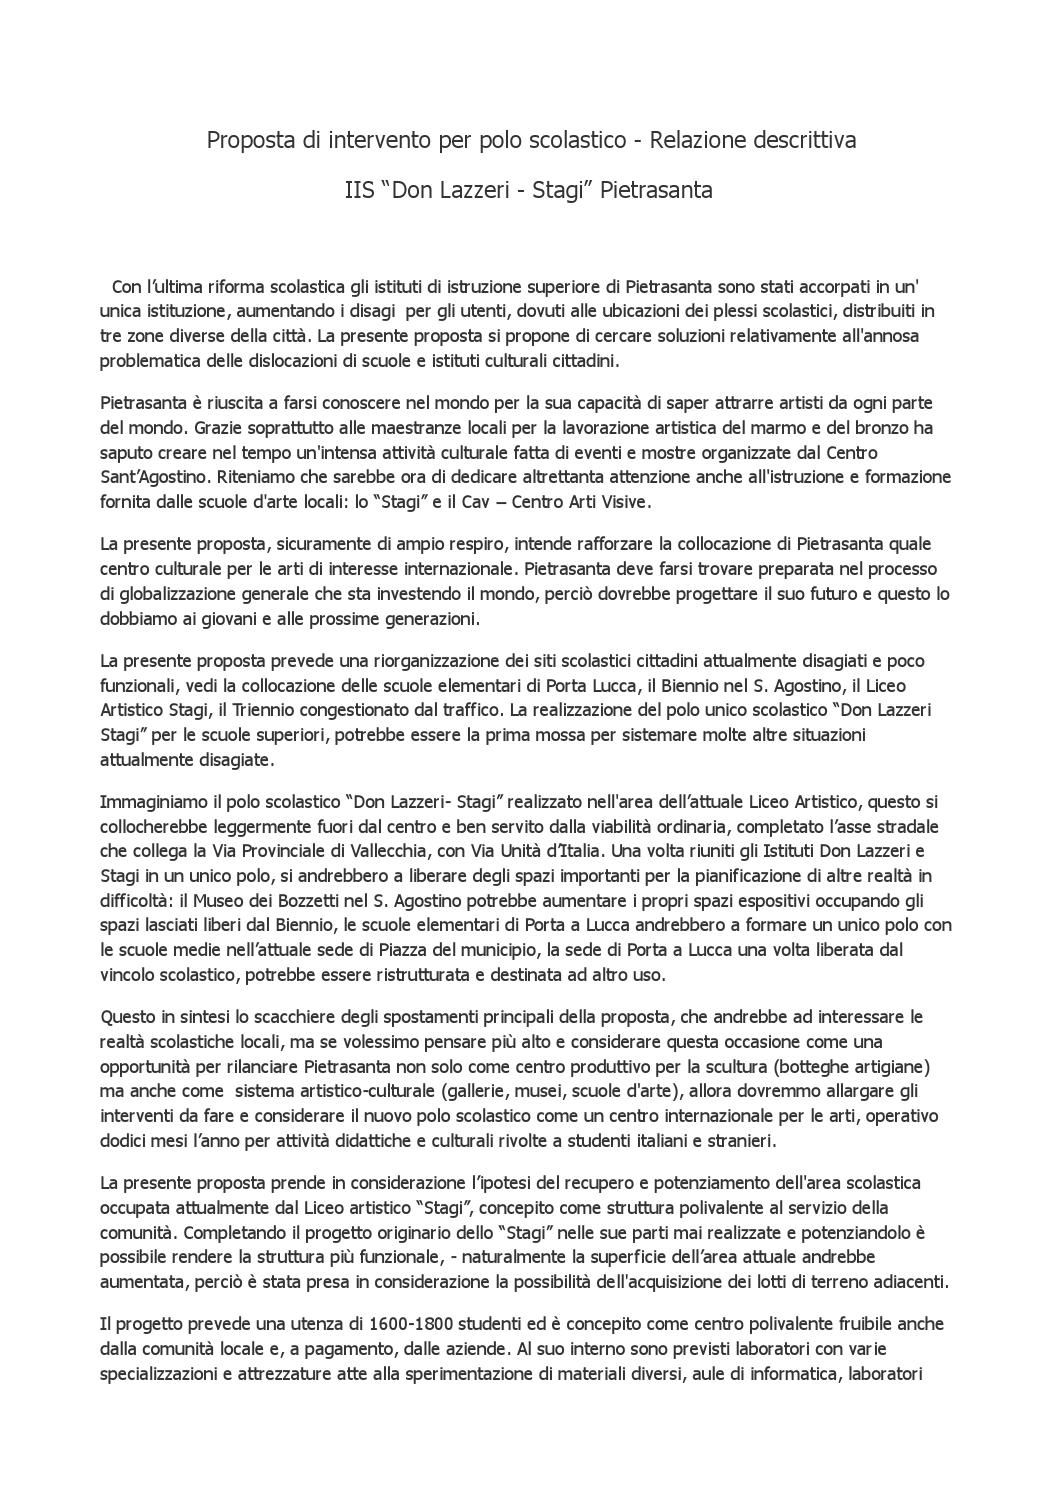 Proposta di revisione collocazione edifici plessi scolastici e istituti culturali a Pietrasanta e creazione di poli scolastici con unica sede. Progetto di A.Bertolaccini, 2010. (documento sfogliabile on-line).